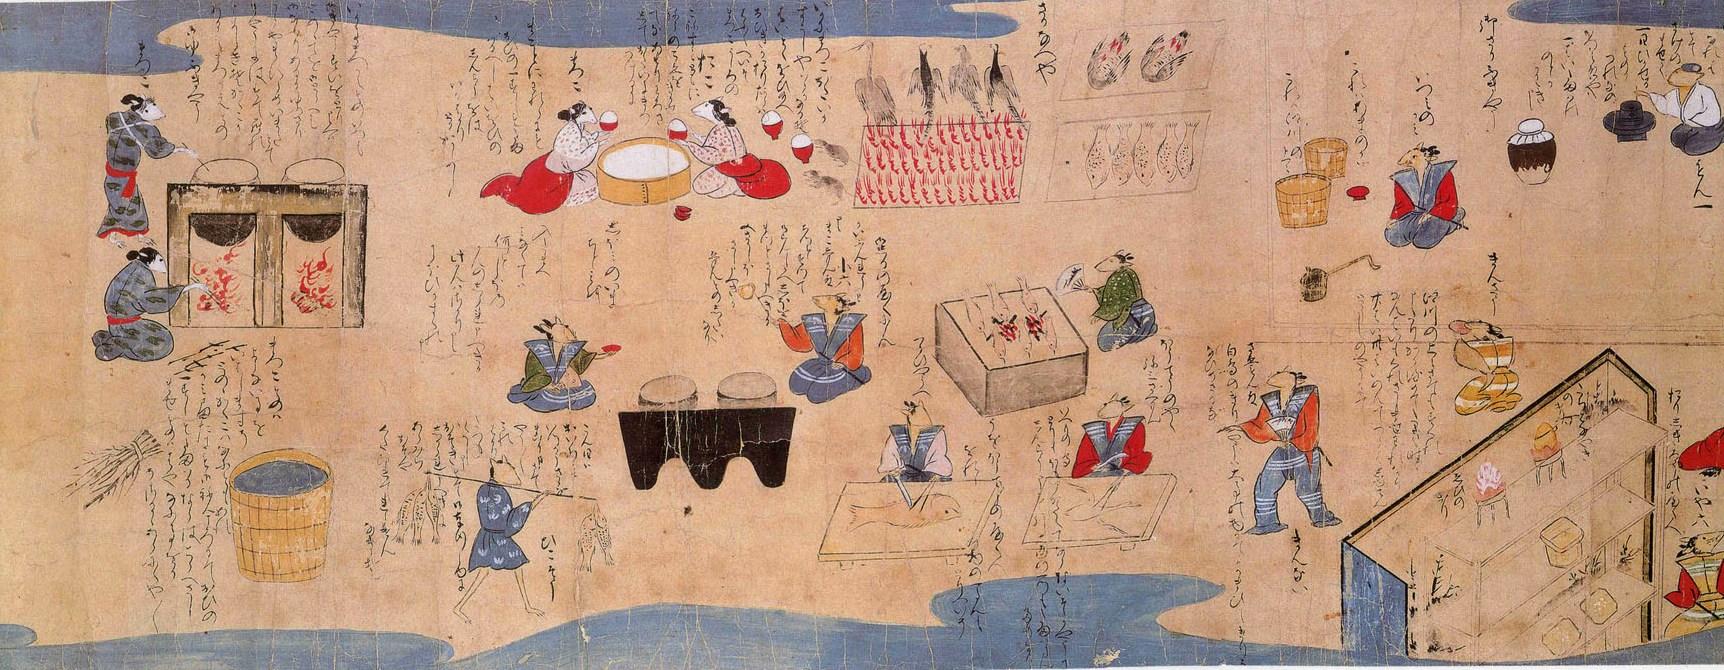 Рис. 5. Фрагмент «Нэдзуми соши эмаки» – сцена, где мыши заняты приготовлением свадебных блюд. Музей Сантори (Suntory Museum)